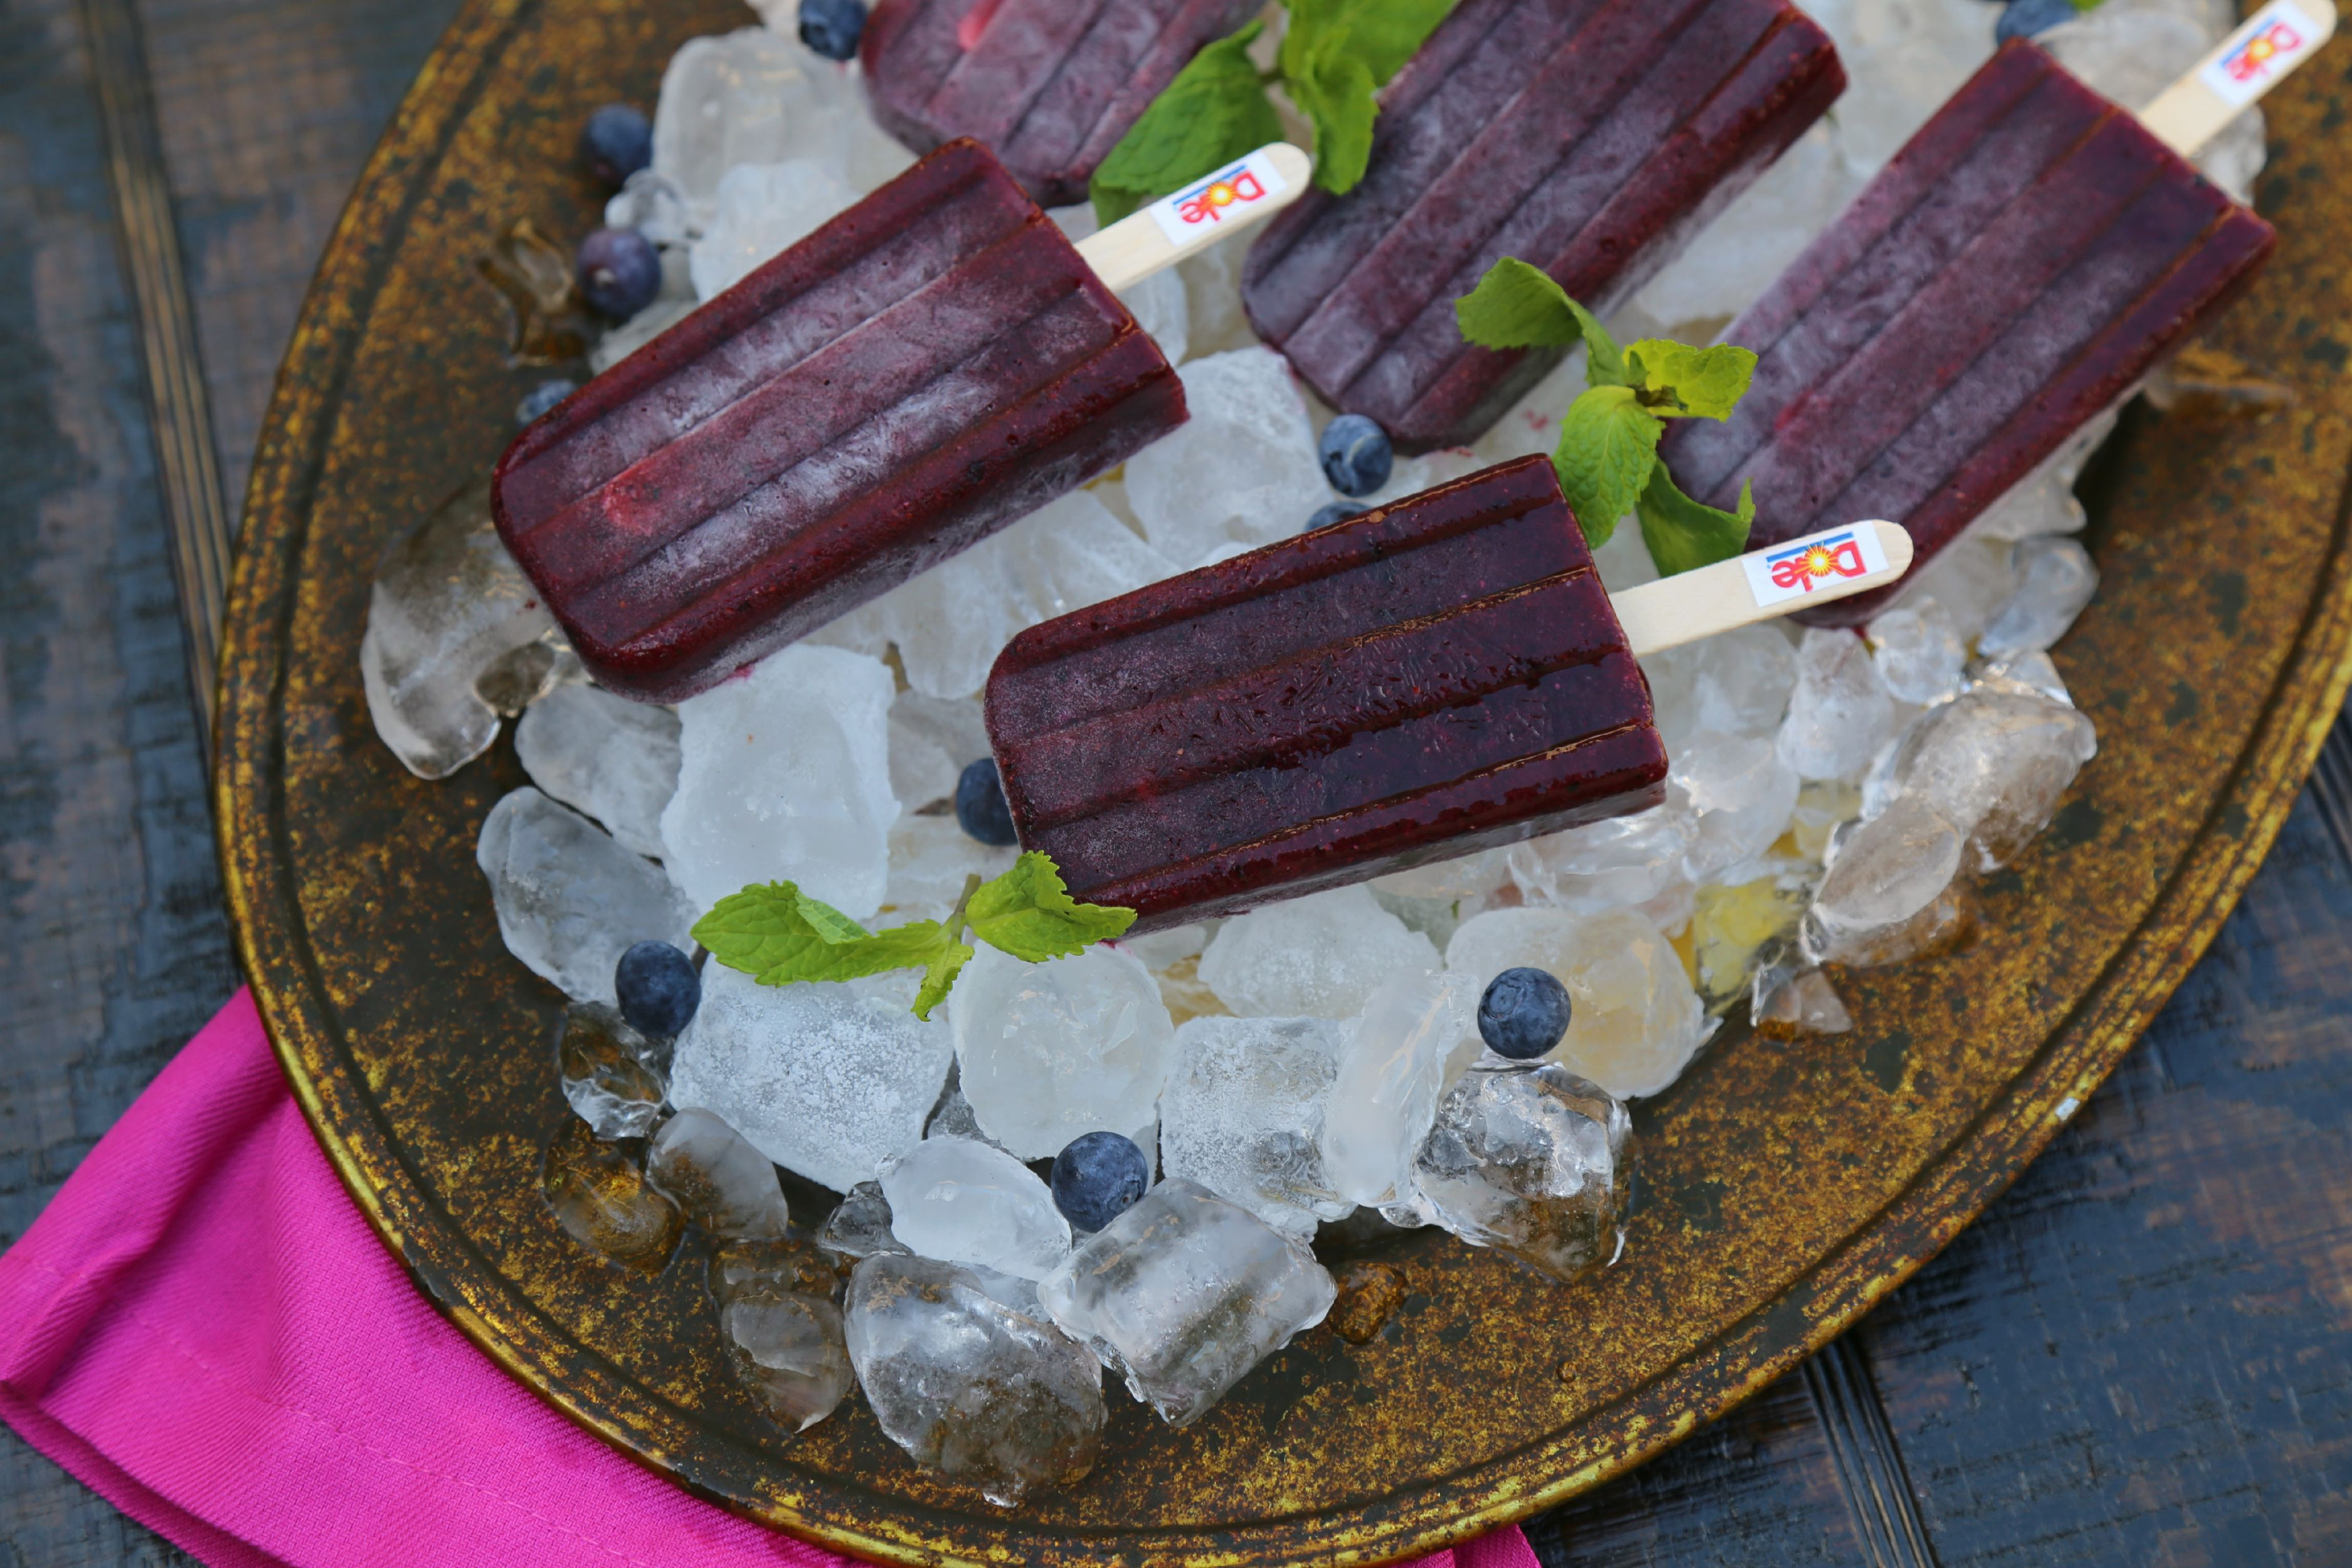 margarita-mint-berry-boozy-pops-vianneyrodriguez-sweetlifebake